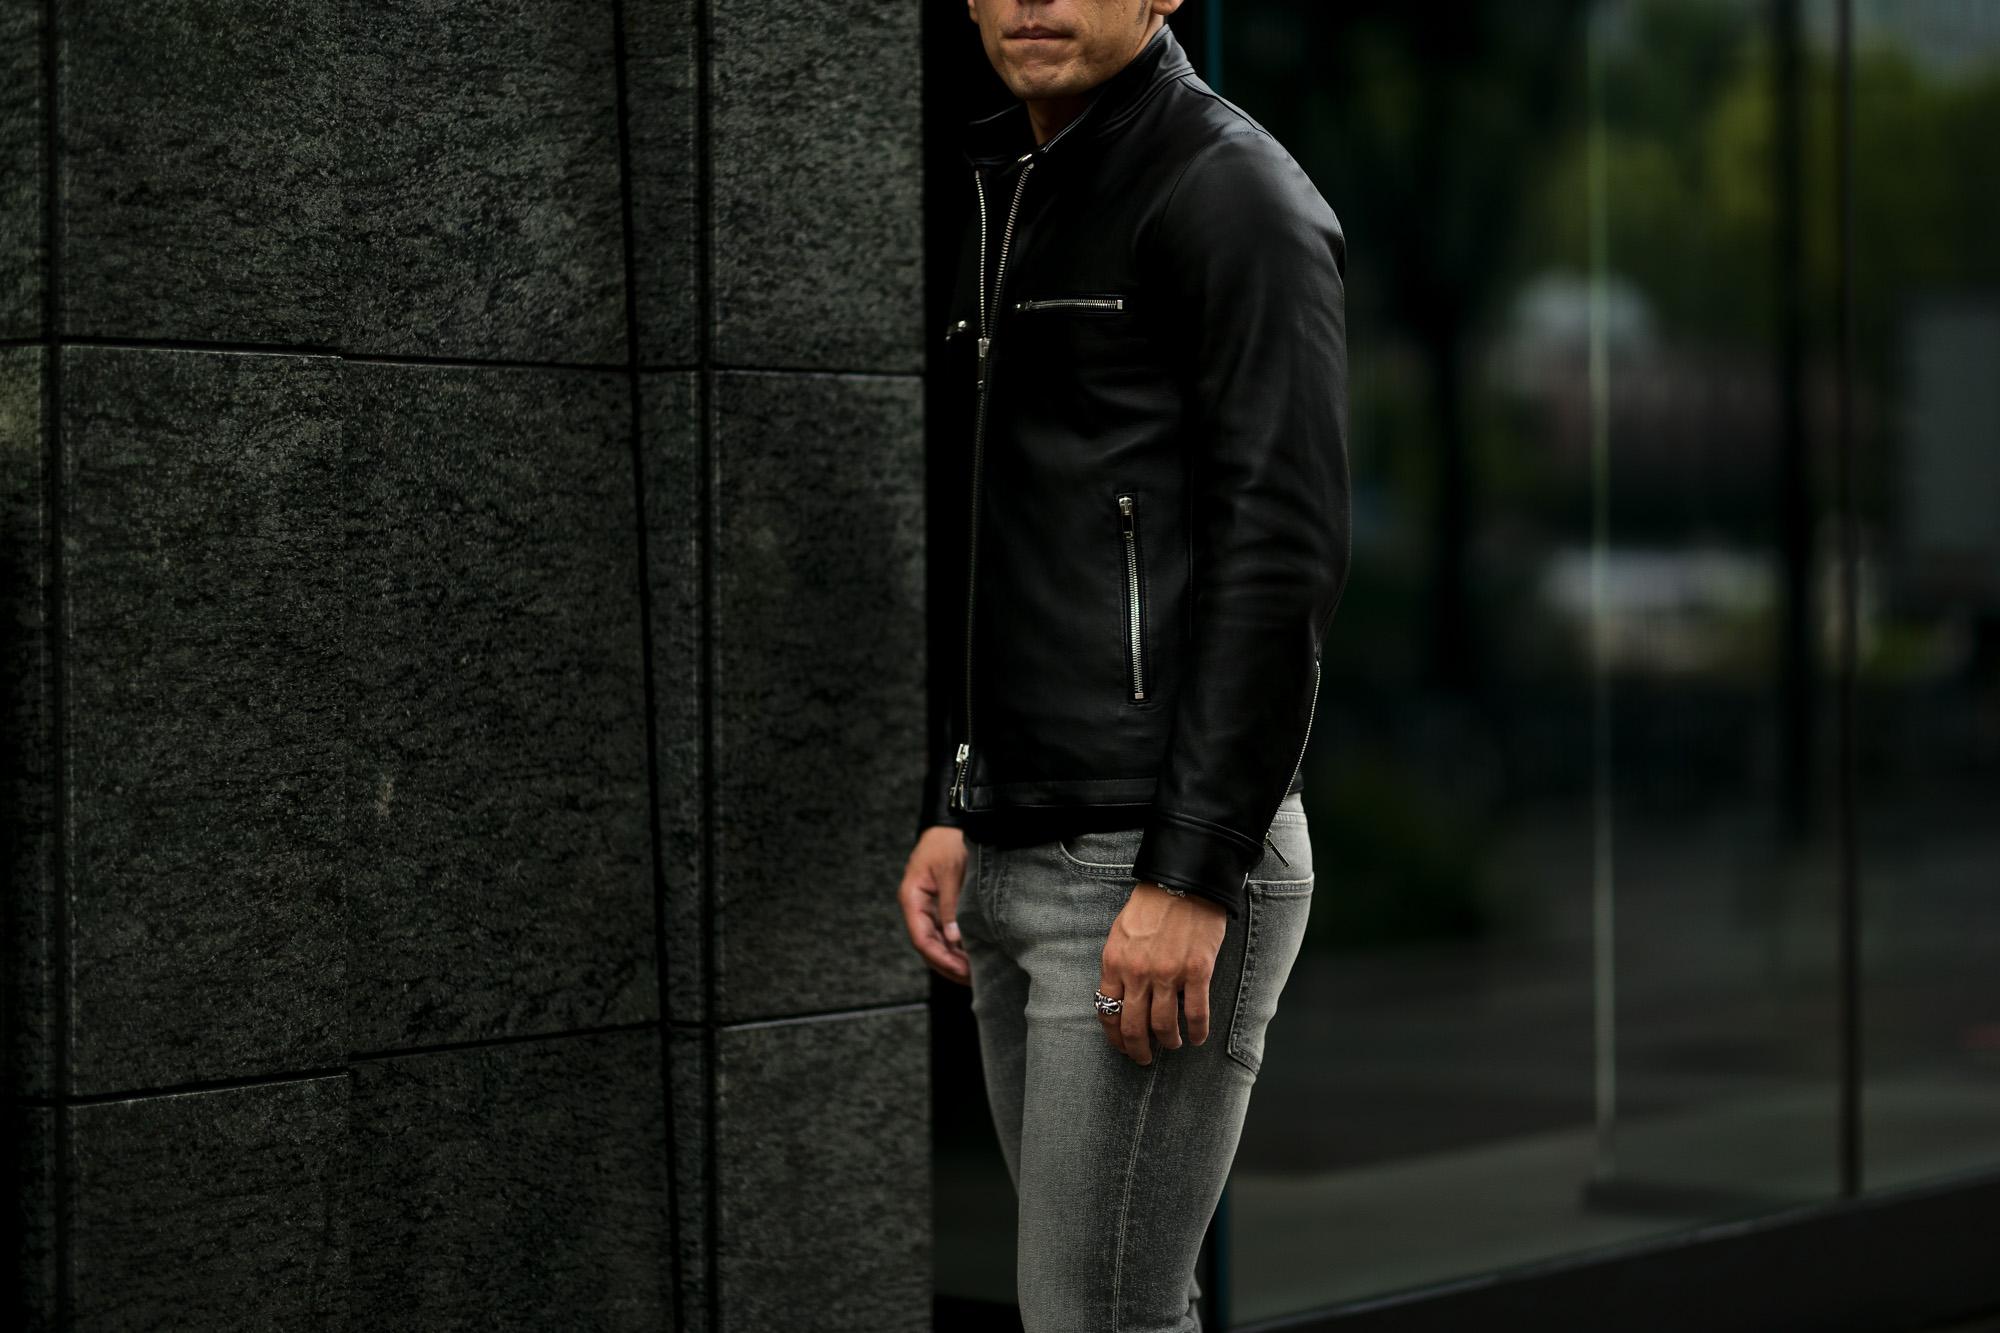 cuervo bopoha (クエルボ ヴァローナ) Satisfaction Leather Collection (サティスファクション レザー コレクション) MATT (マット) LAMB LEATHER (ラムレザー) シングル ライダース ジャケット BLACK (ブラック) MADE IN JAPAN (日本製) 2021 秋冬 【Special Model】愛知 名古屋 Alto e Diritto altoediritto アルトエデリット